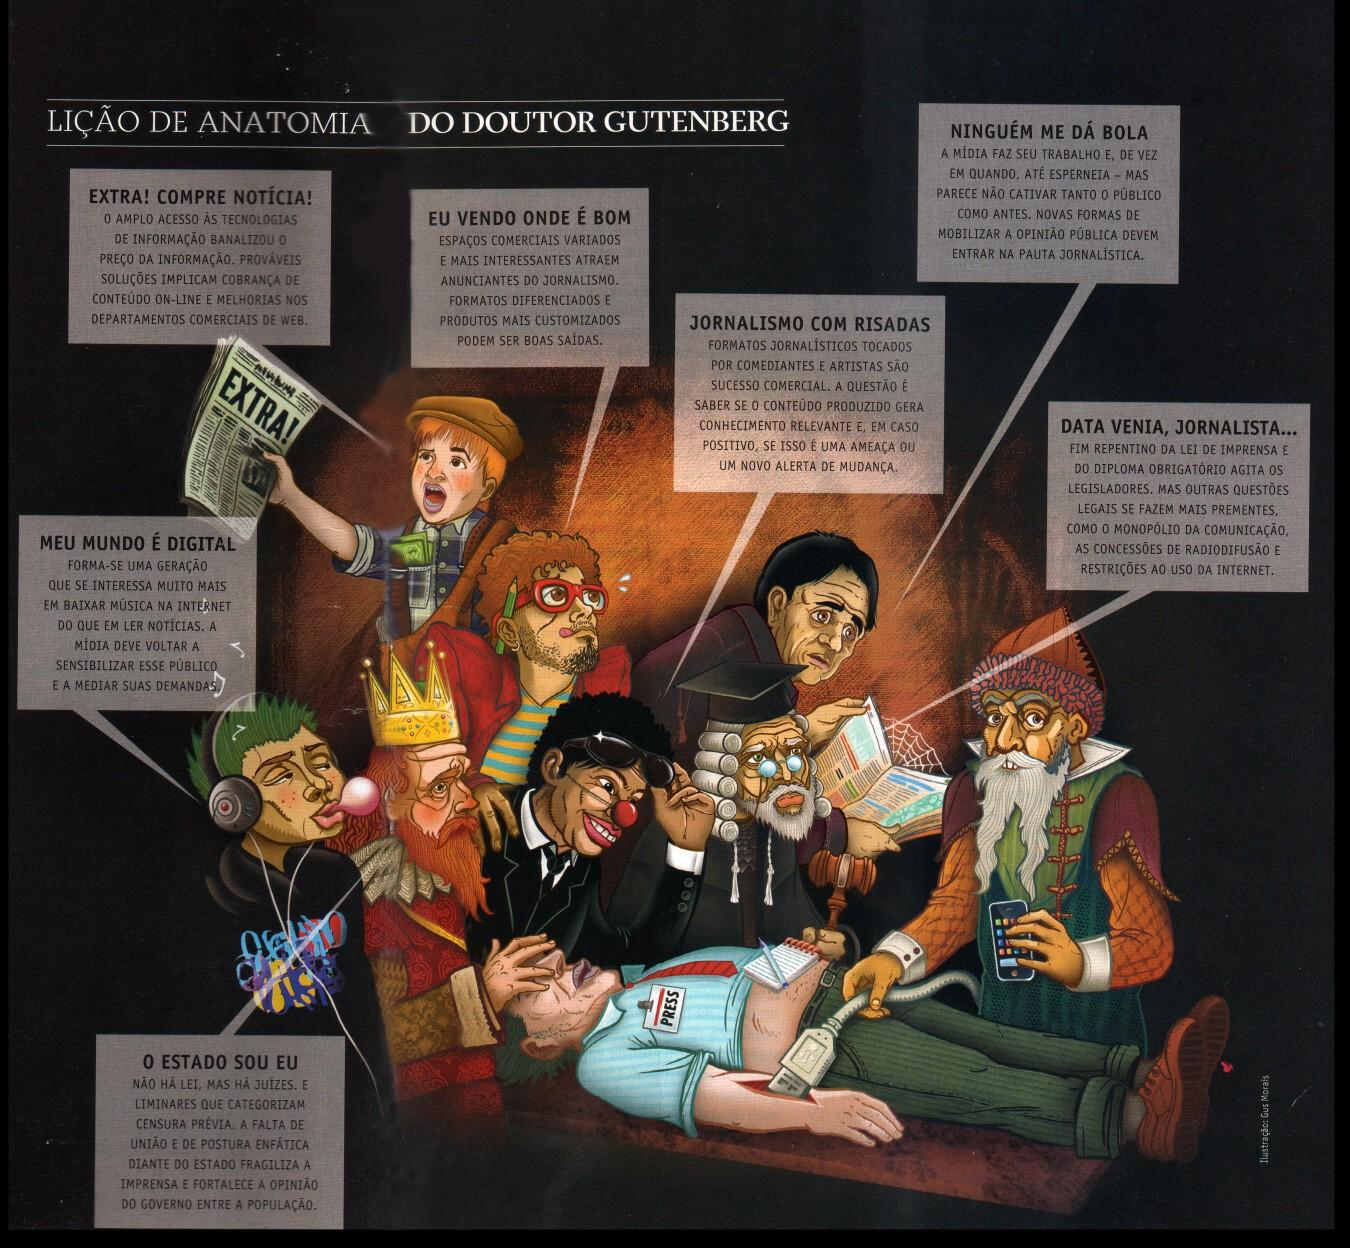 Liçao de Anatomia do Doutor Gutemberg